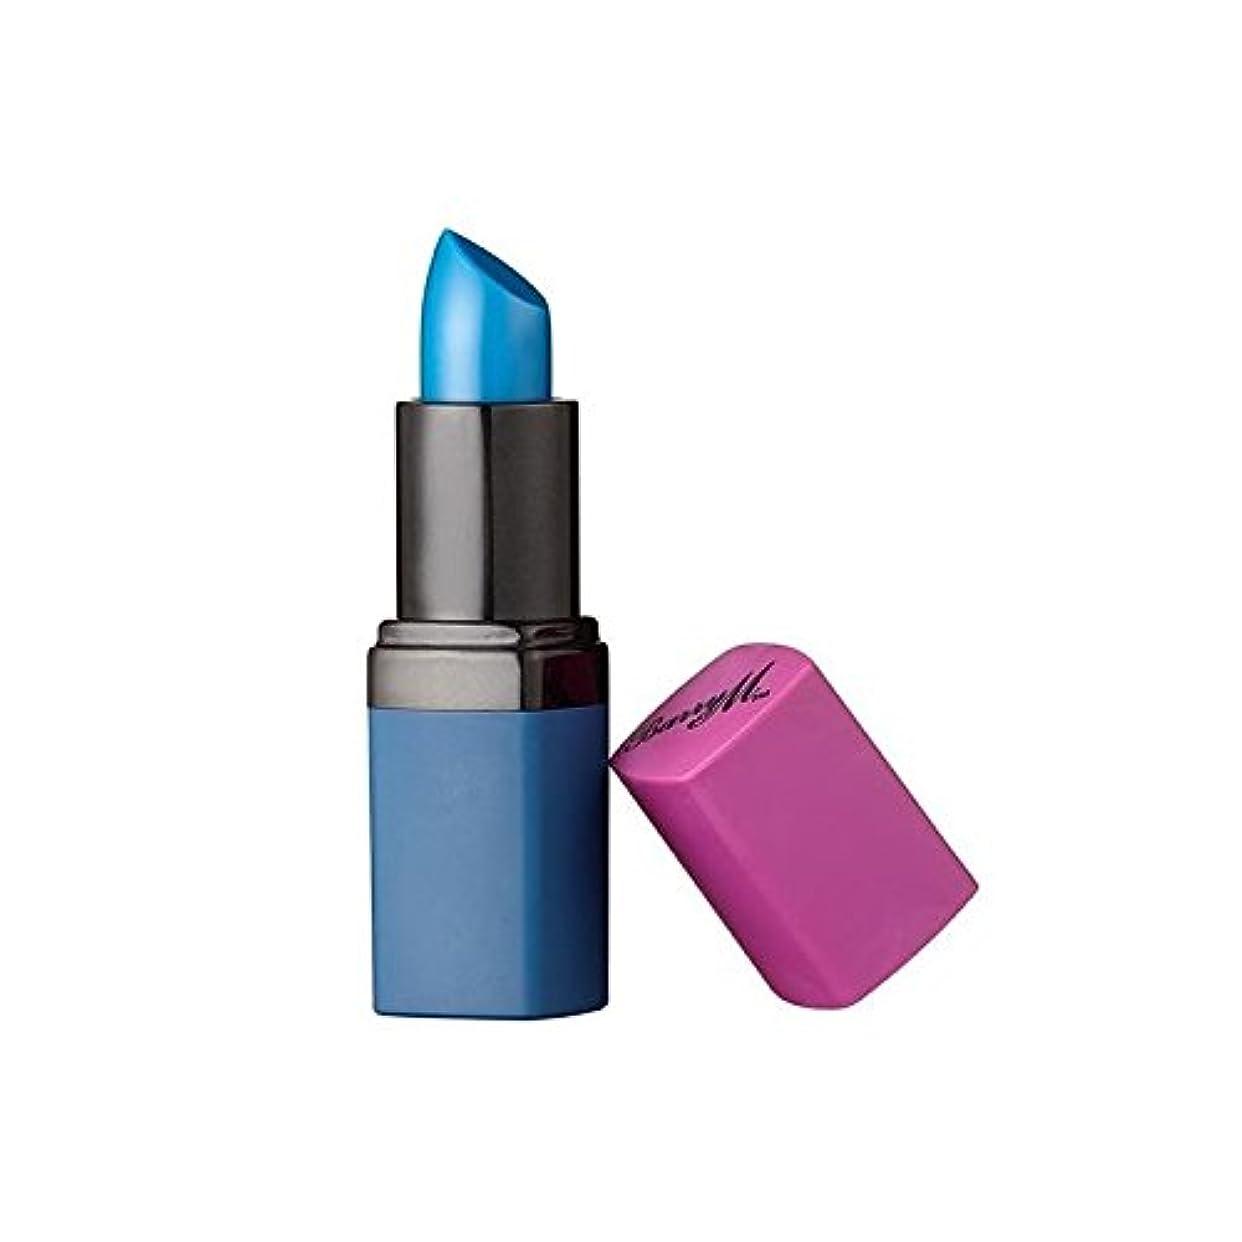 追加する通常引き出しバリーメートルネプチューンリップペイント x2 - Barry M Neptune Lip Paint (Pack of 2) [並行輸入品]